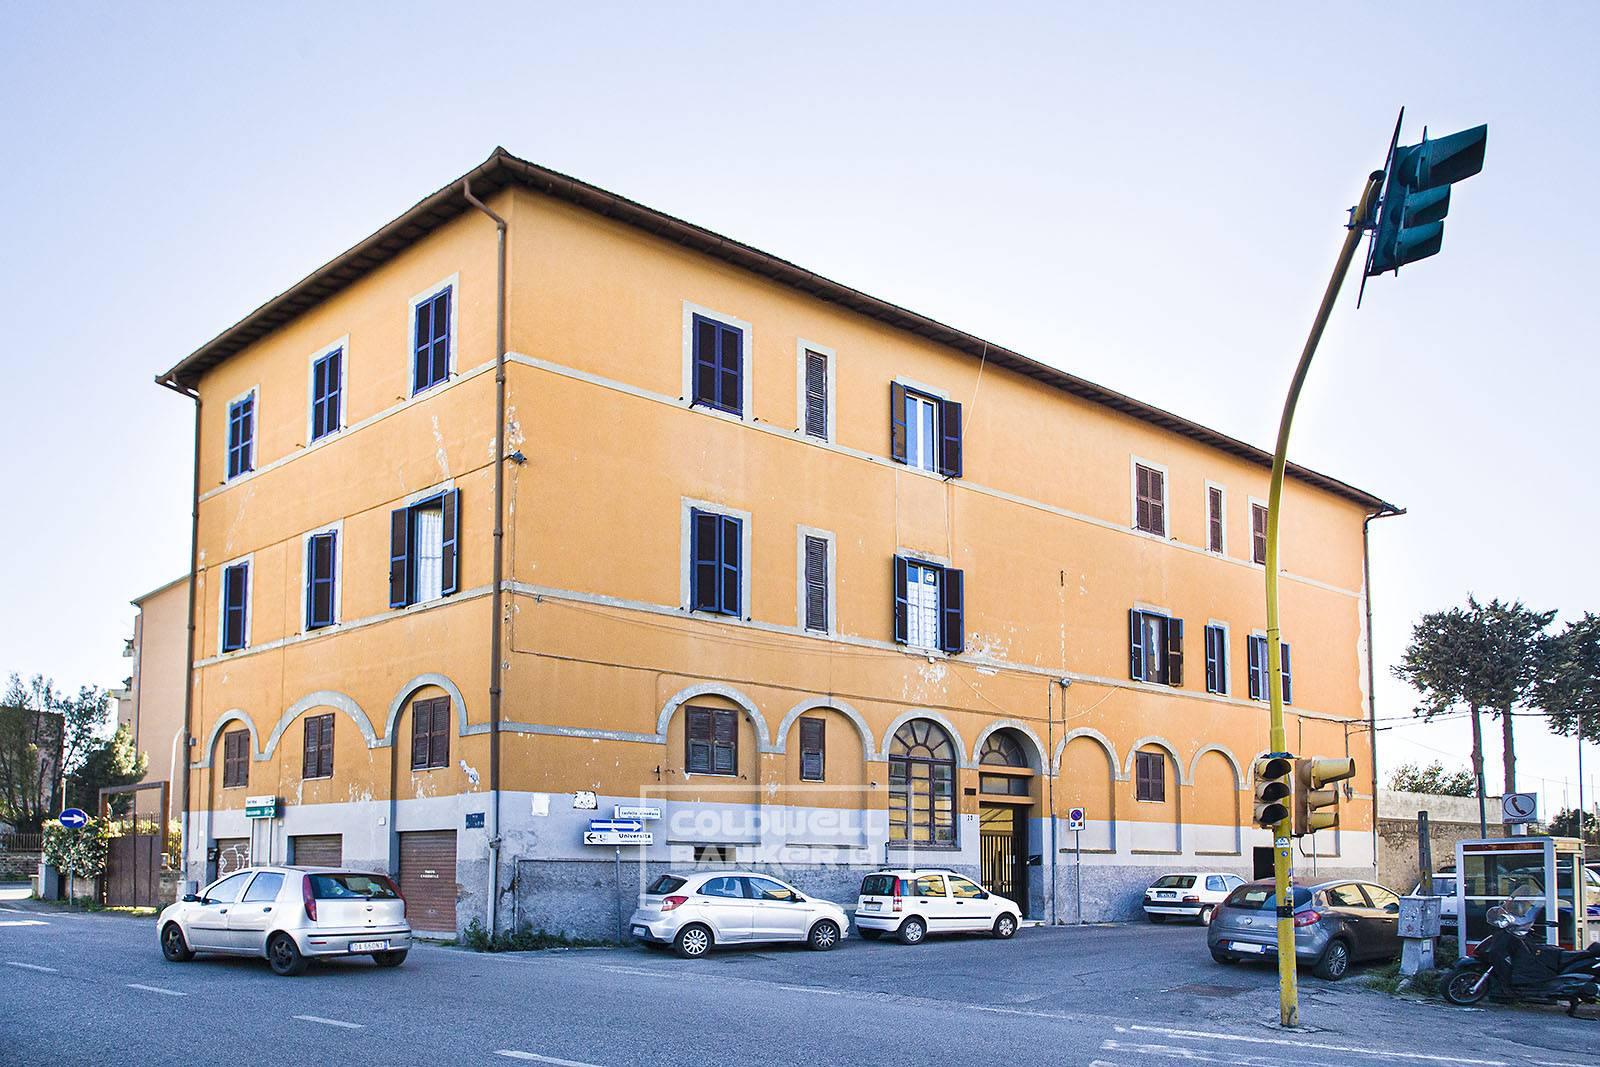 Appartamento in vendita a Viterbo, 3 locali, zona Zona: Semicentro, prezzo € 49.000 | CambioCasa.it